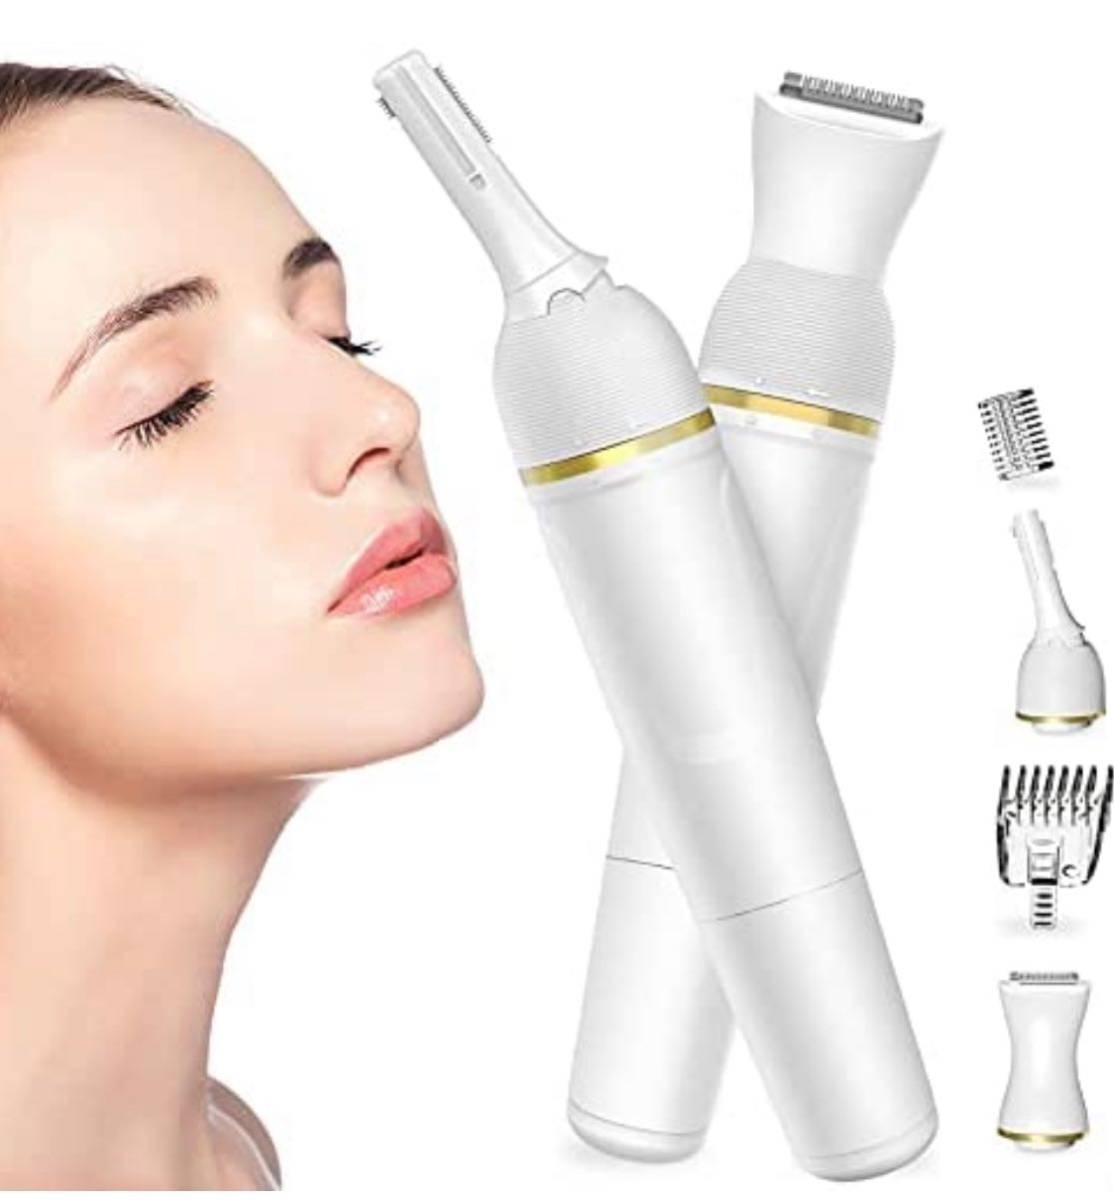 眉毛シェーバー KOXXBASS 男女兼用 30°角度調整 水洗い可能 一台多役 顔そり VIO専用 足 脇 産毛 全身適用 乾電池式 ホワイト